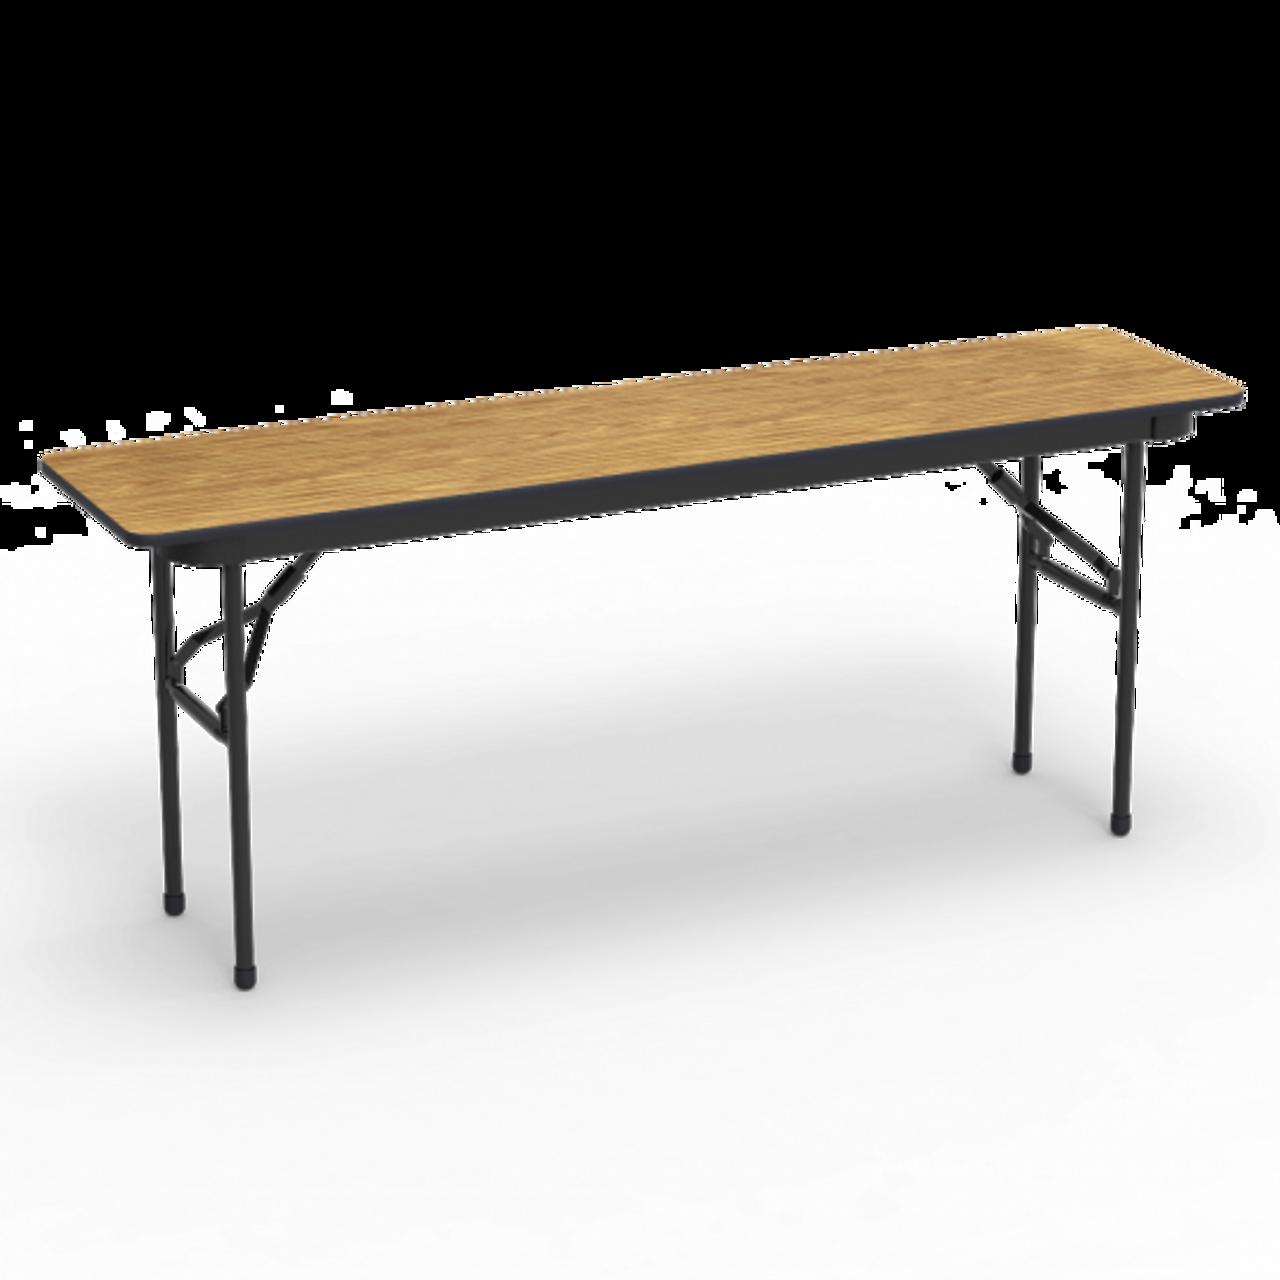 18 X 72 Folding Table.6000 Series 18 X 72 Rectangle Folding Table Medium Oak Top Char Black Edge Char Black Frame